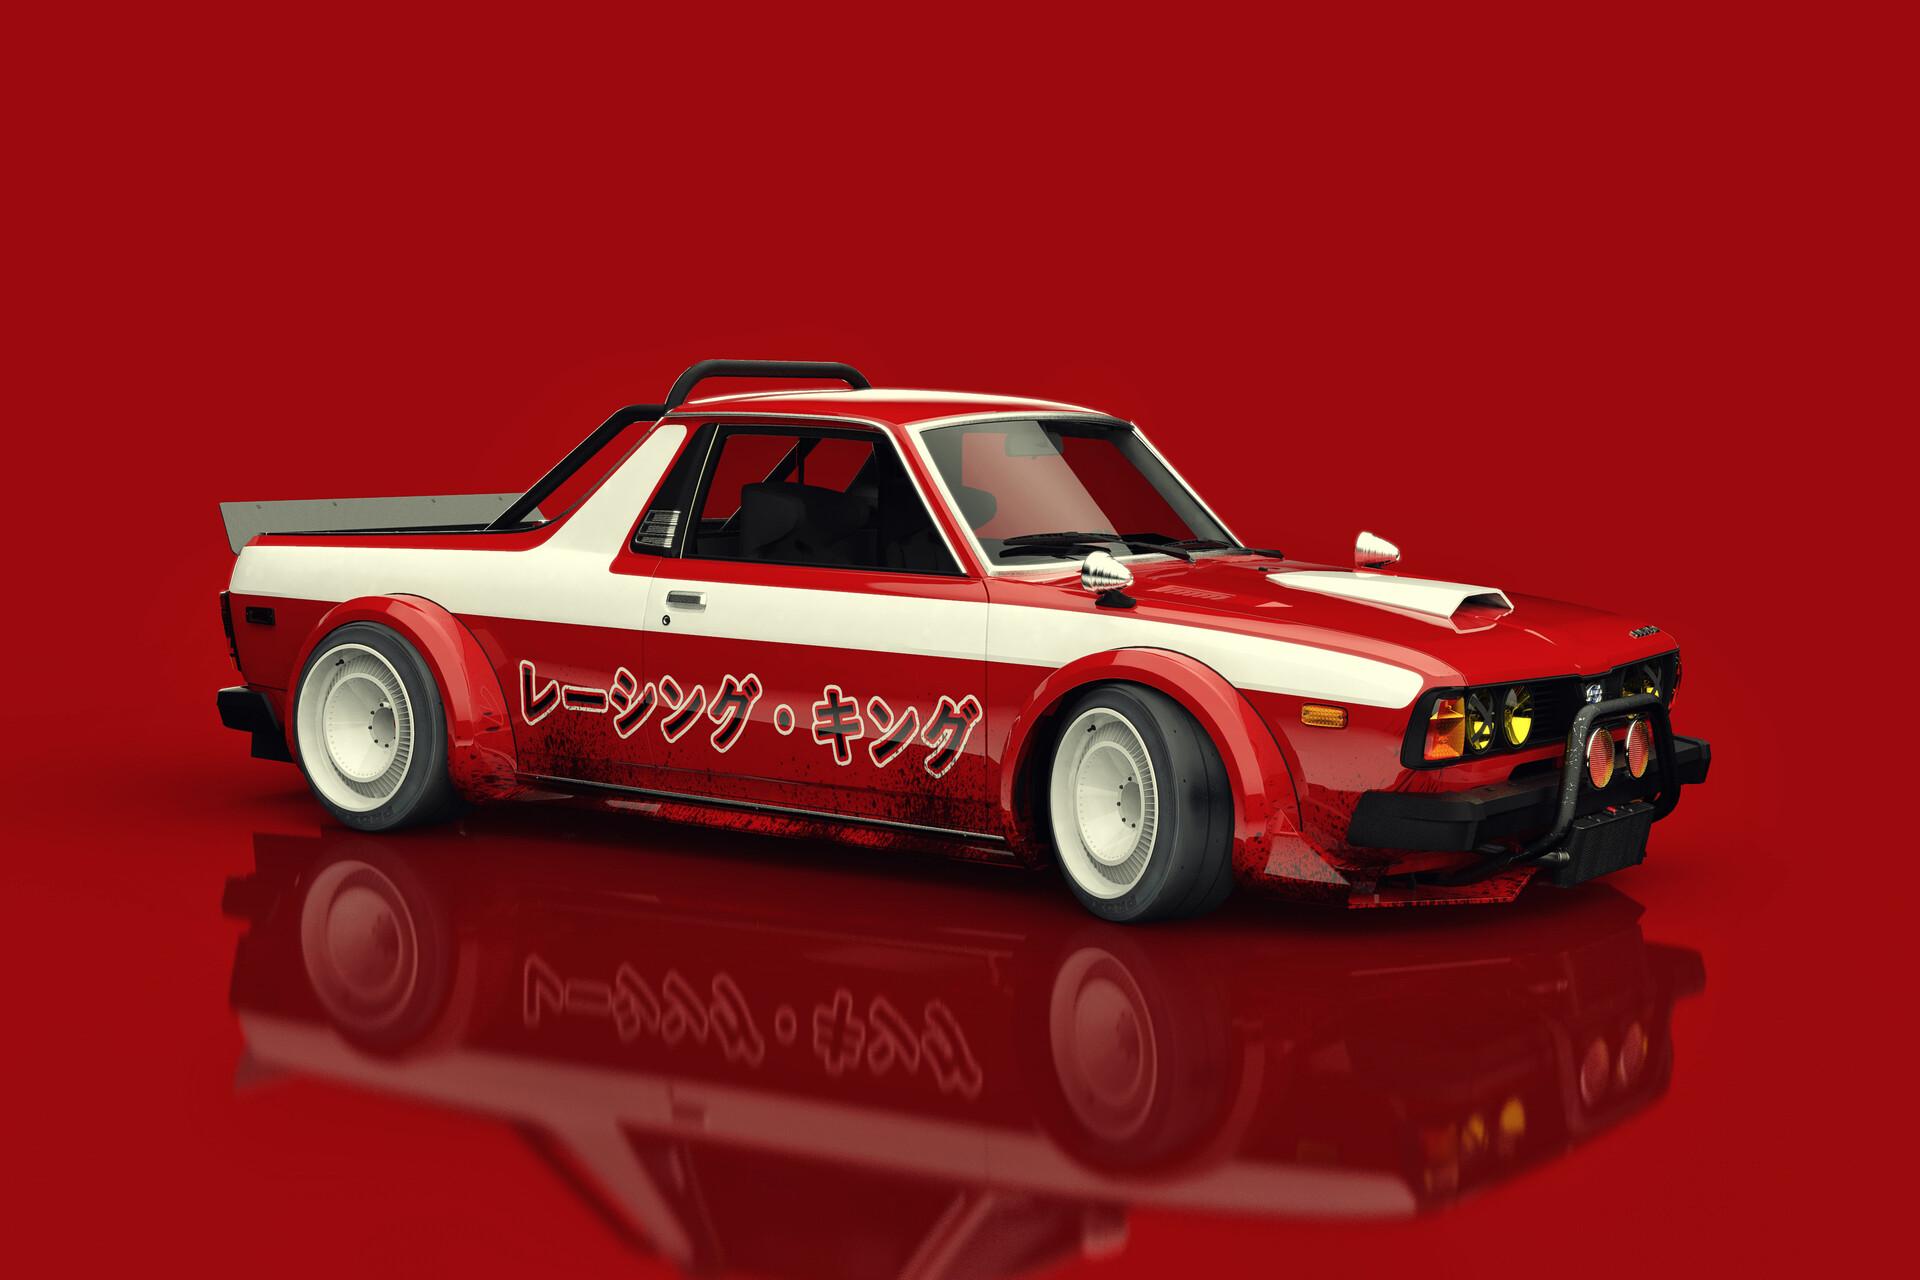 ArtStation - Subaru Brat Racing King, Federico Zimbaldi